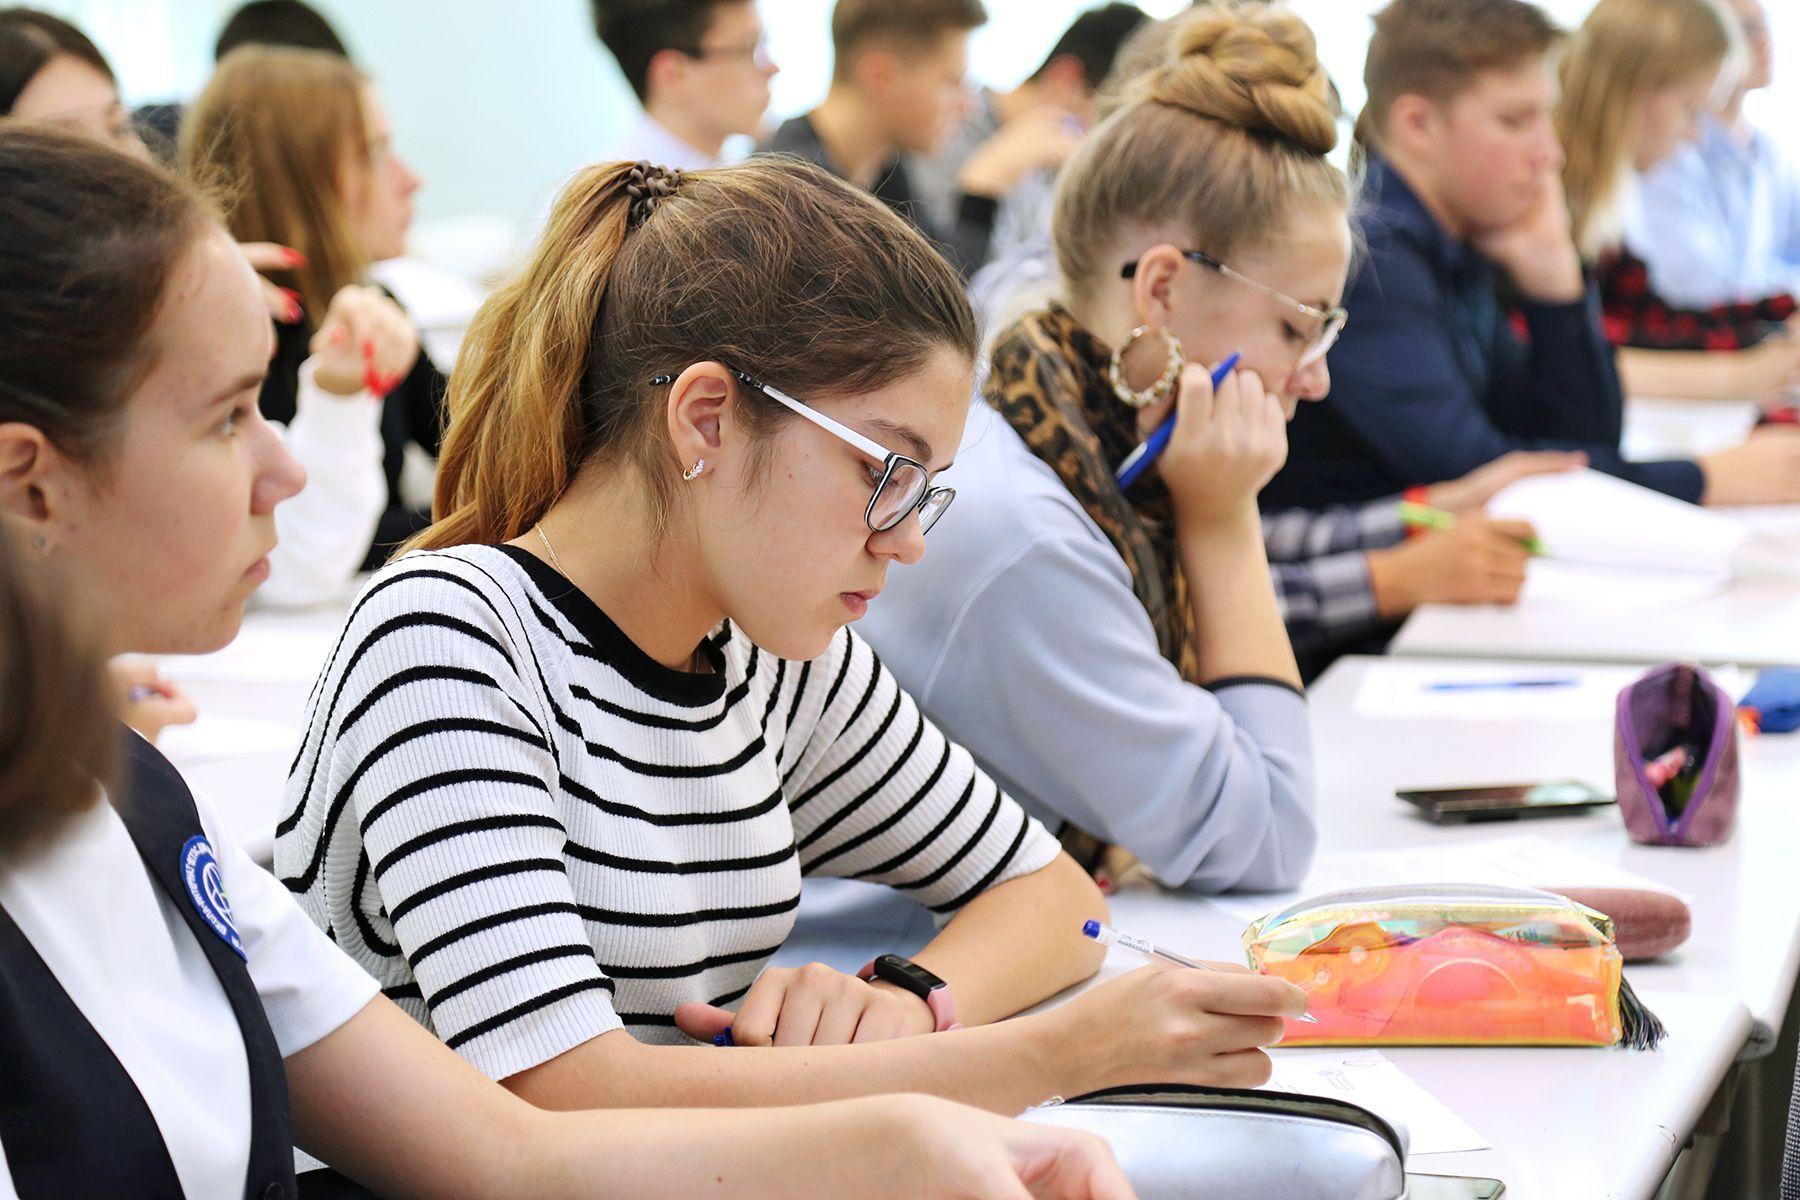 Во ВГУЭС прошел Всероссийский экономический диктант - акция, проверяющая финансовую грамотность